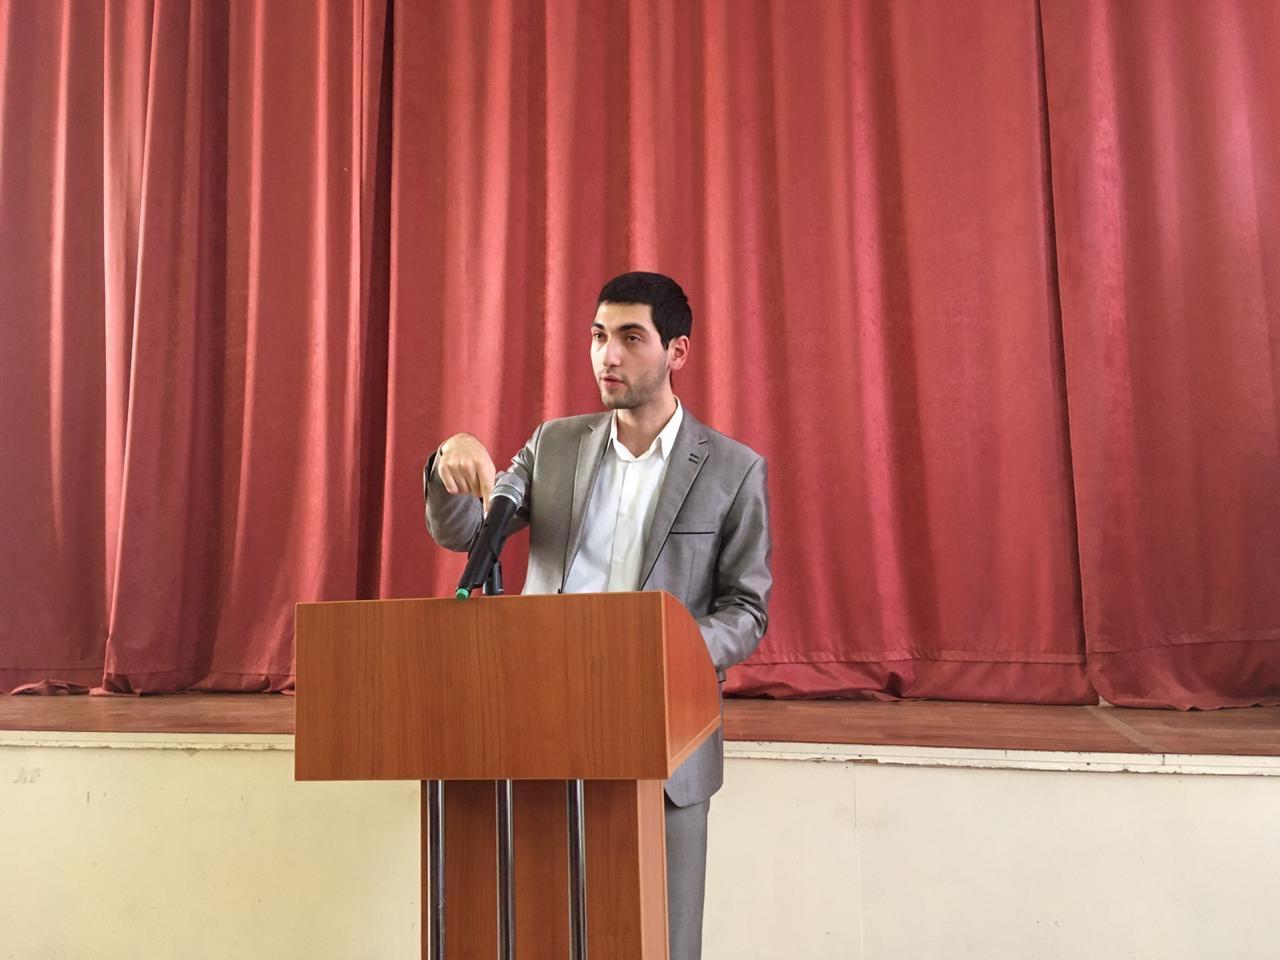 Председатель молодёжной избирательной комиссии Фрунзенского района поделился своим мнением о роли молодого поколения, патриотизме и экстремизме